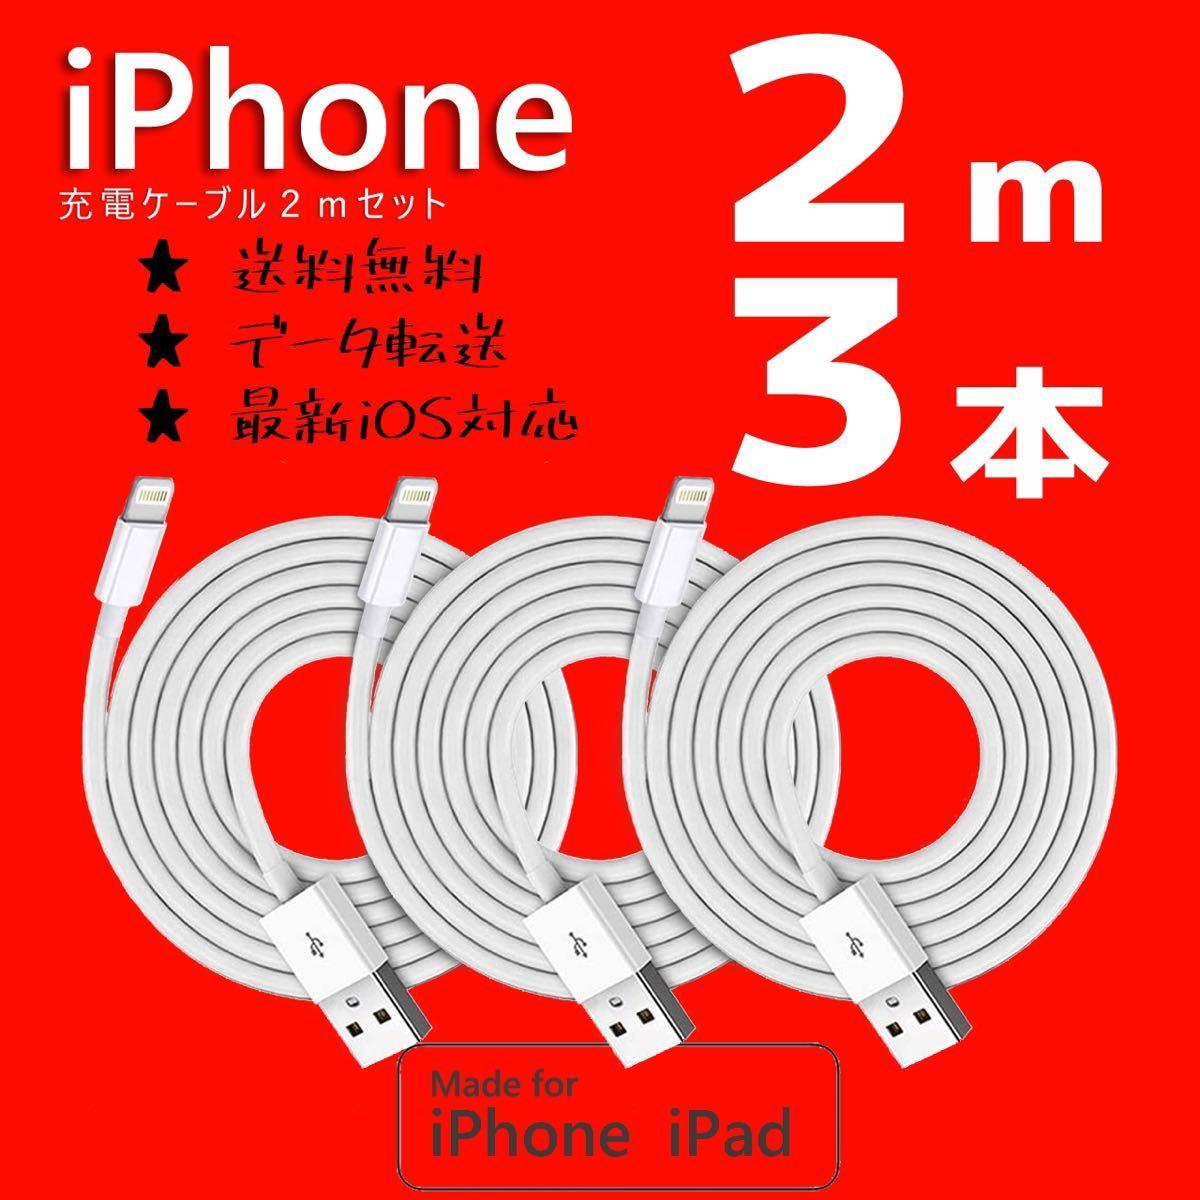 iPhone 充電器 充電ケーブル コード lightning cable ライトニングケーブル 電源  お得 セール 格安